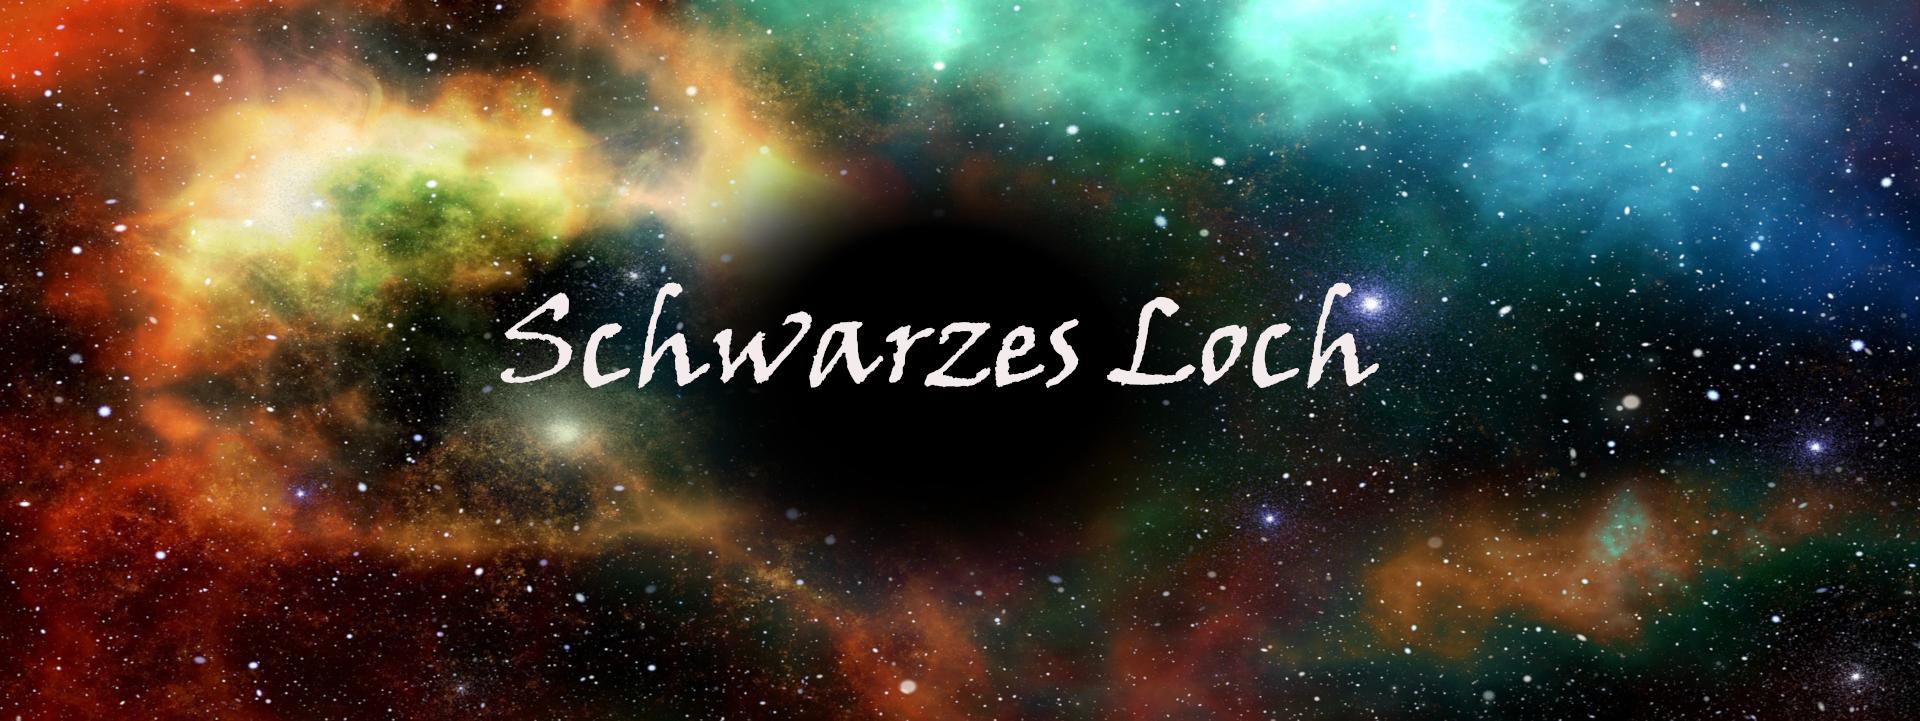 Gedichtbanner Schwarzes Loch